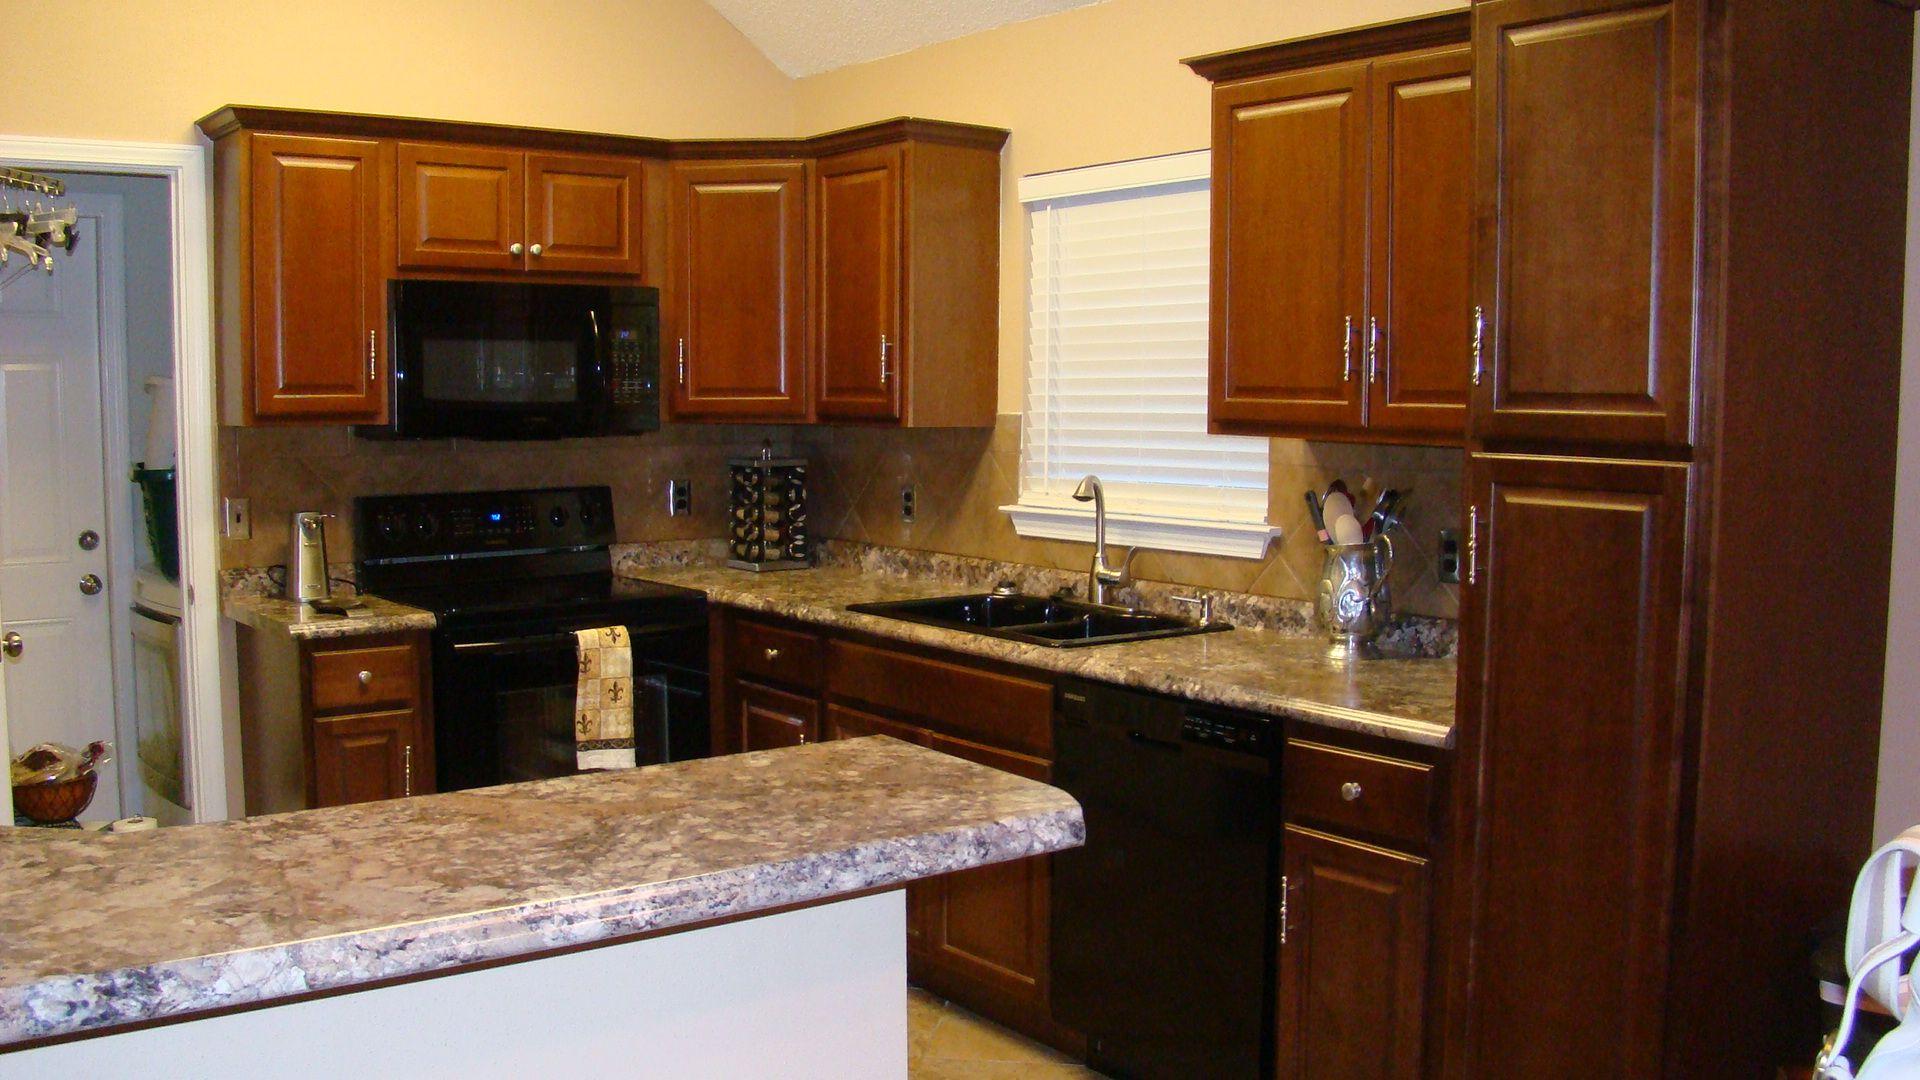 12 Rush Dr Kitchen Kitchen Kitchen Cabinets Home Decor